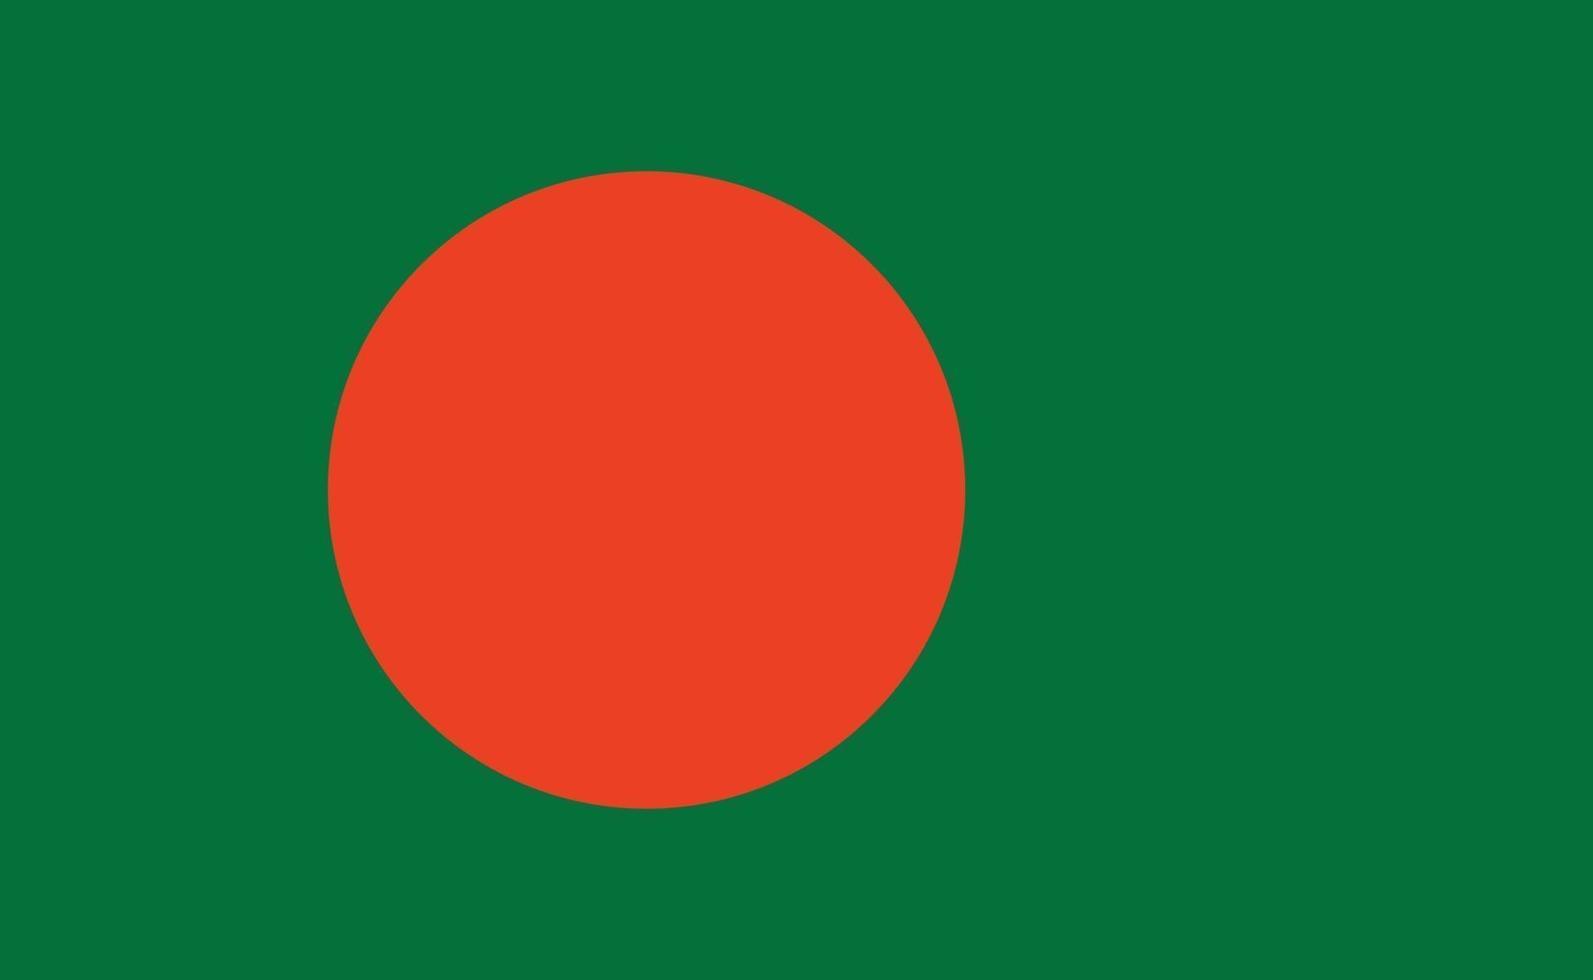 nationale vlag van Bangladesh in exacte verhoudingen - vectorillustratie vector